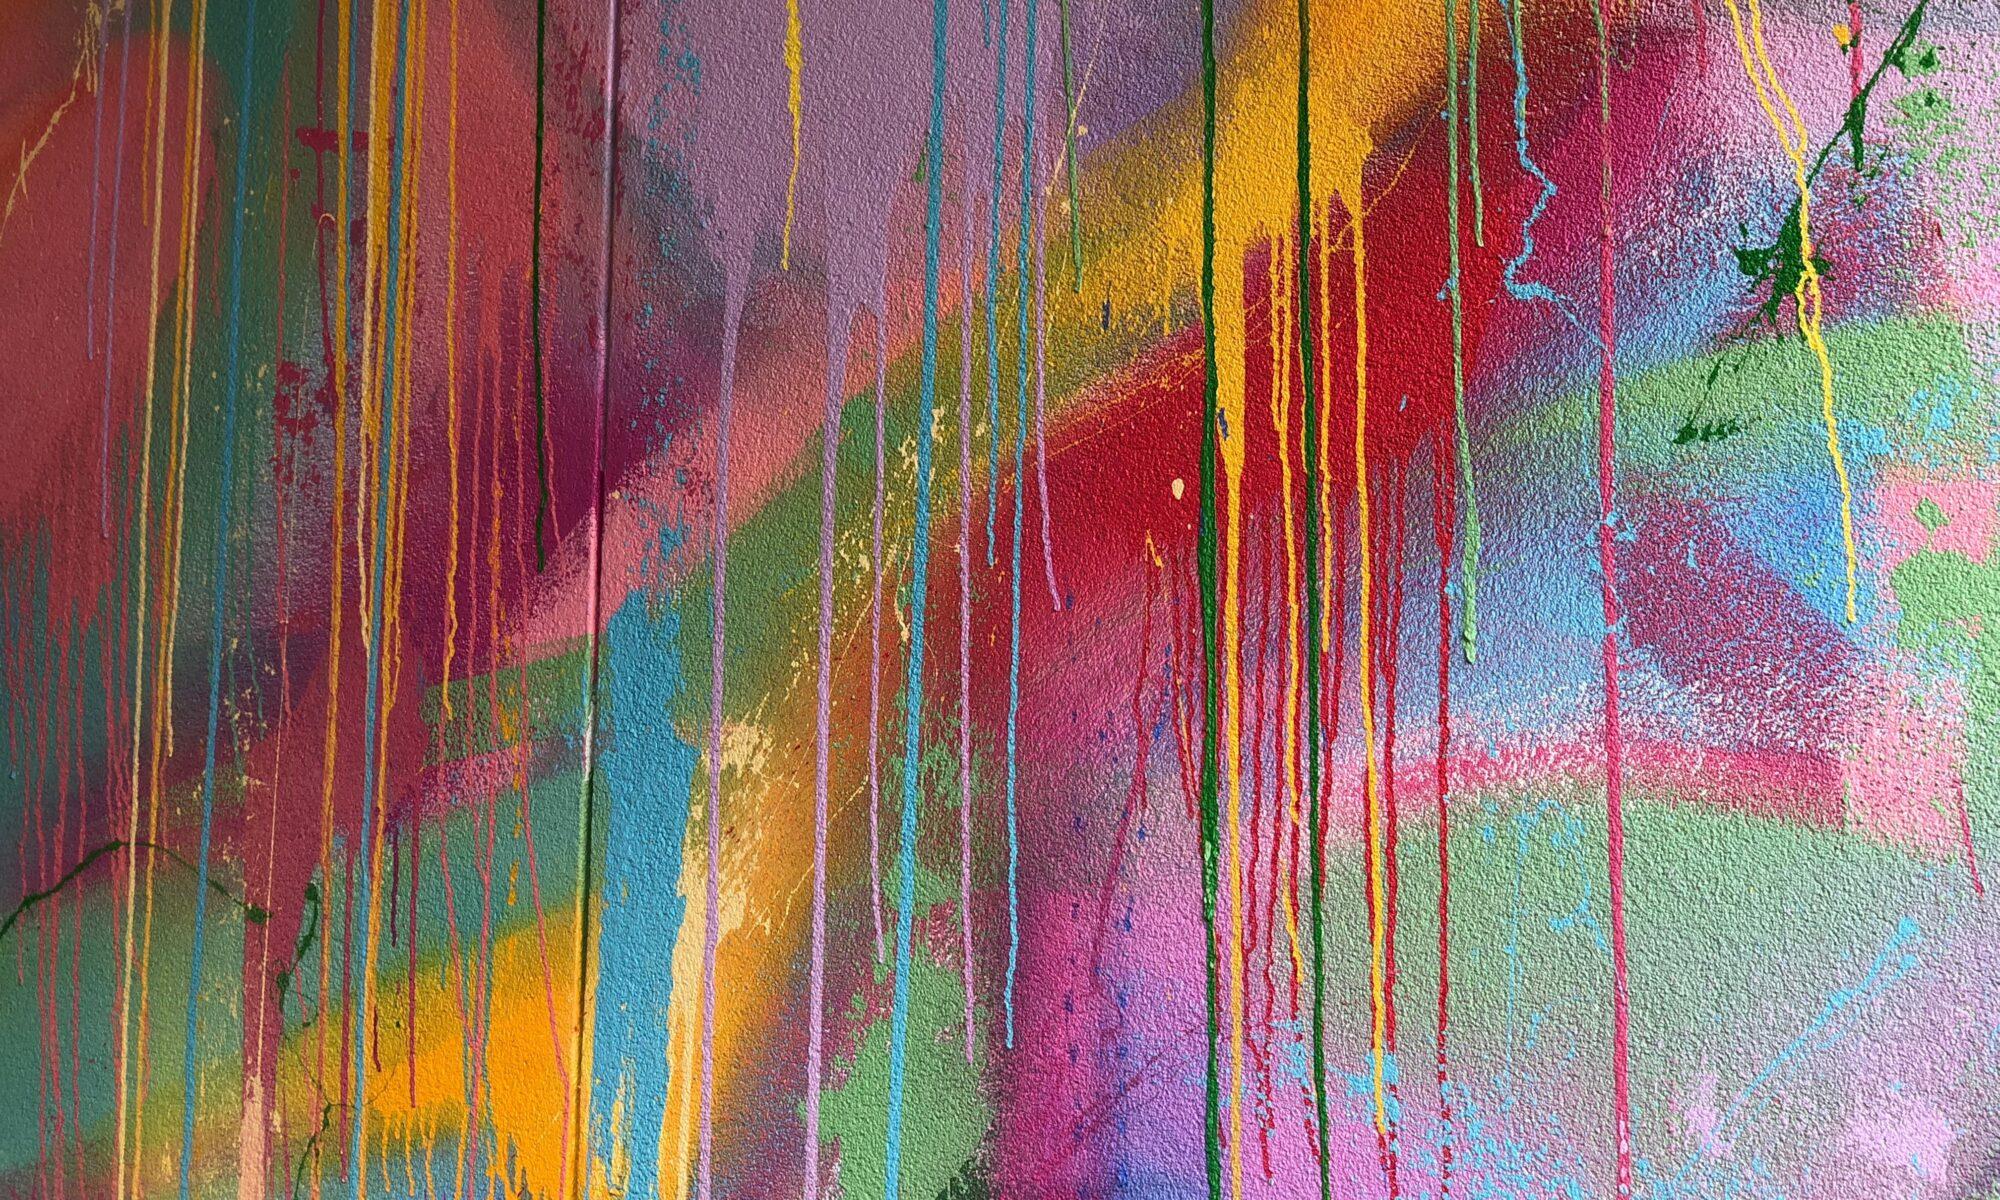 Bunte, besprühte Wand mit verlaufener Graffitifarbe. (Photo by Renee Fisher on Unsplash)